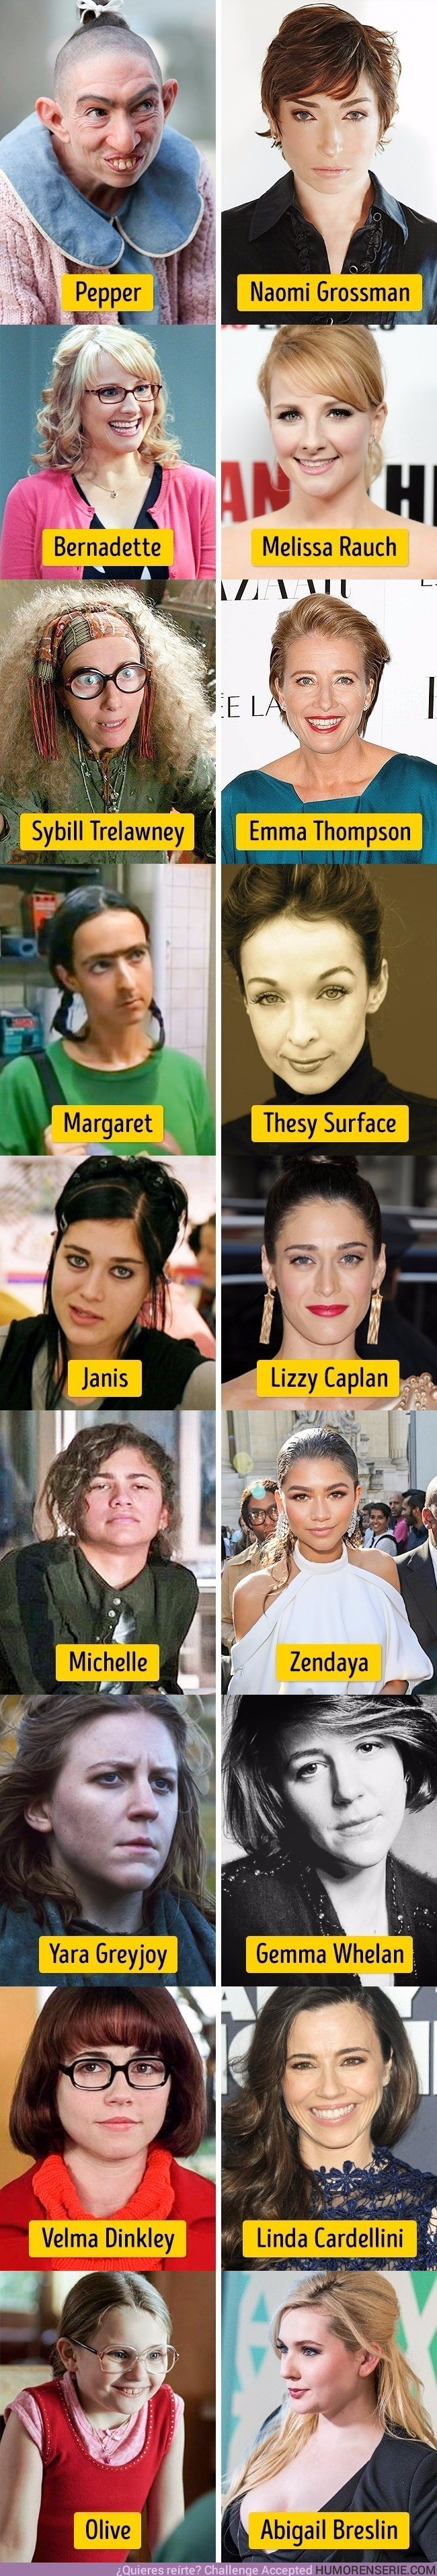 16559 - Estas 9 actrices se hicieron famosas por su papel como patito feo